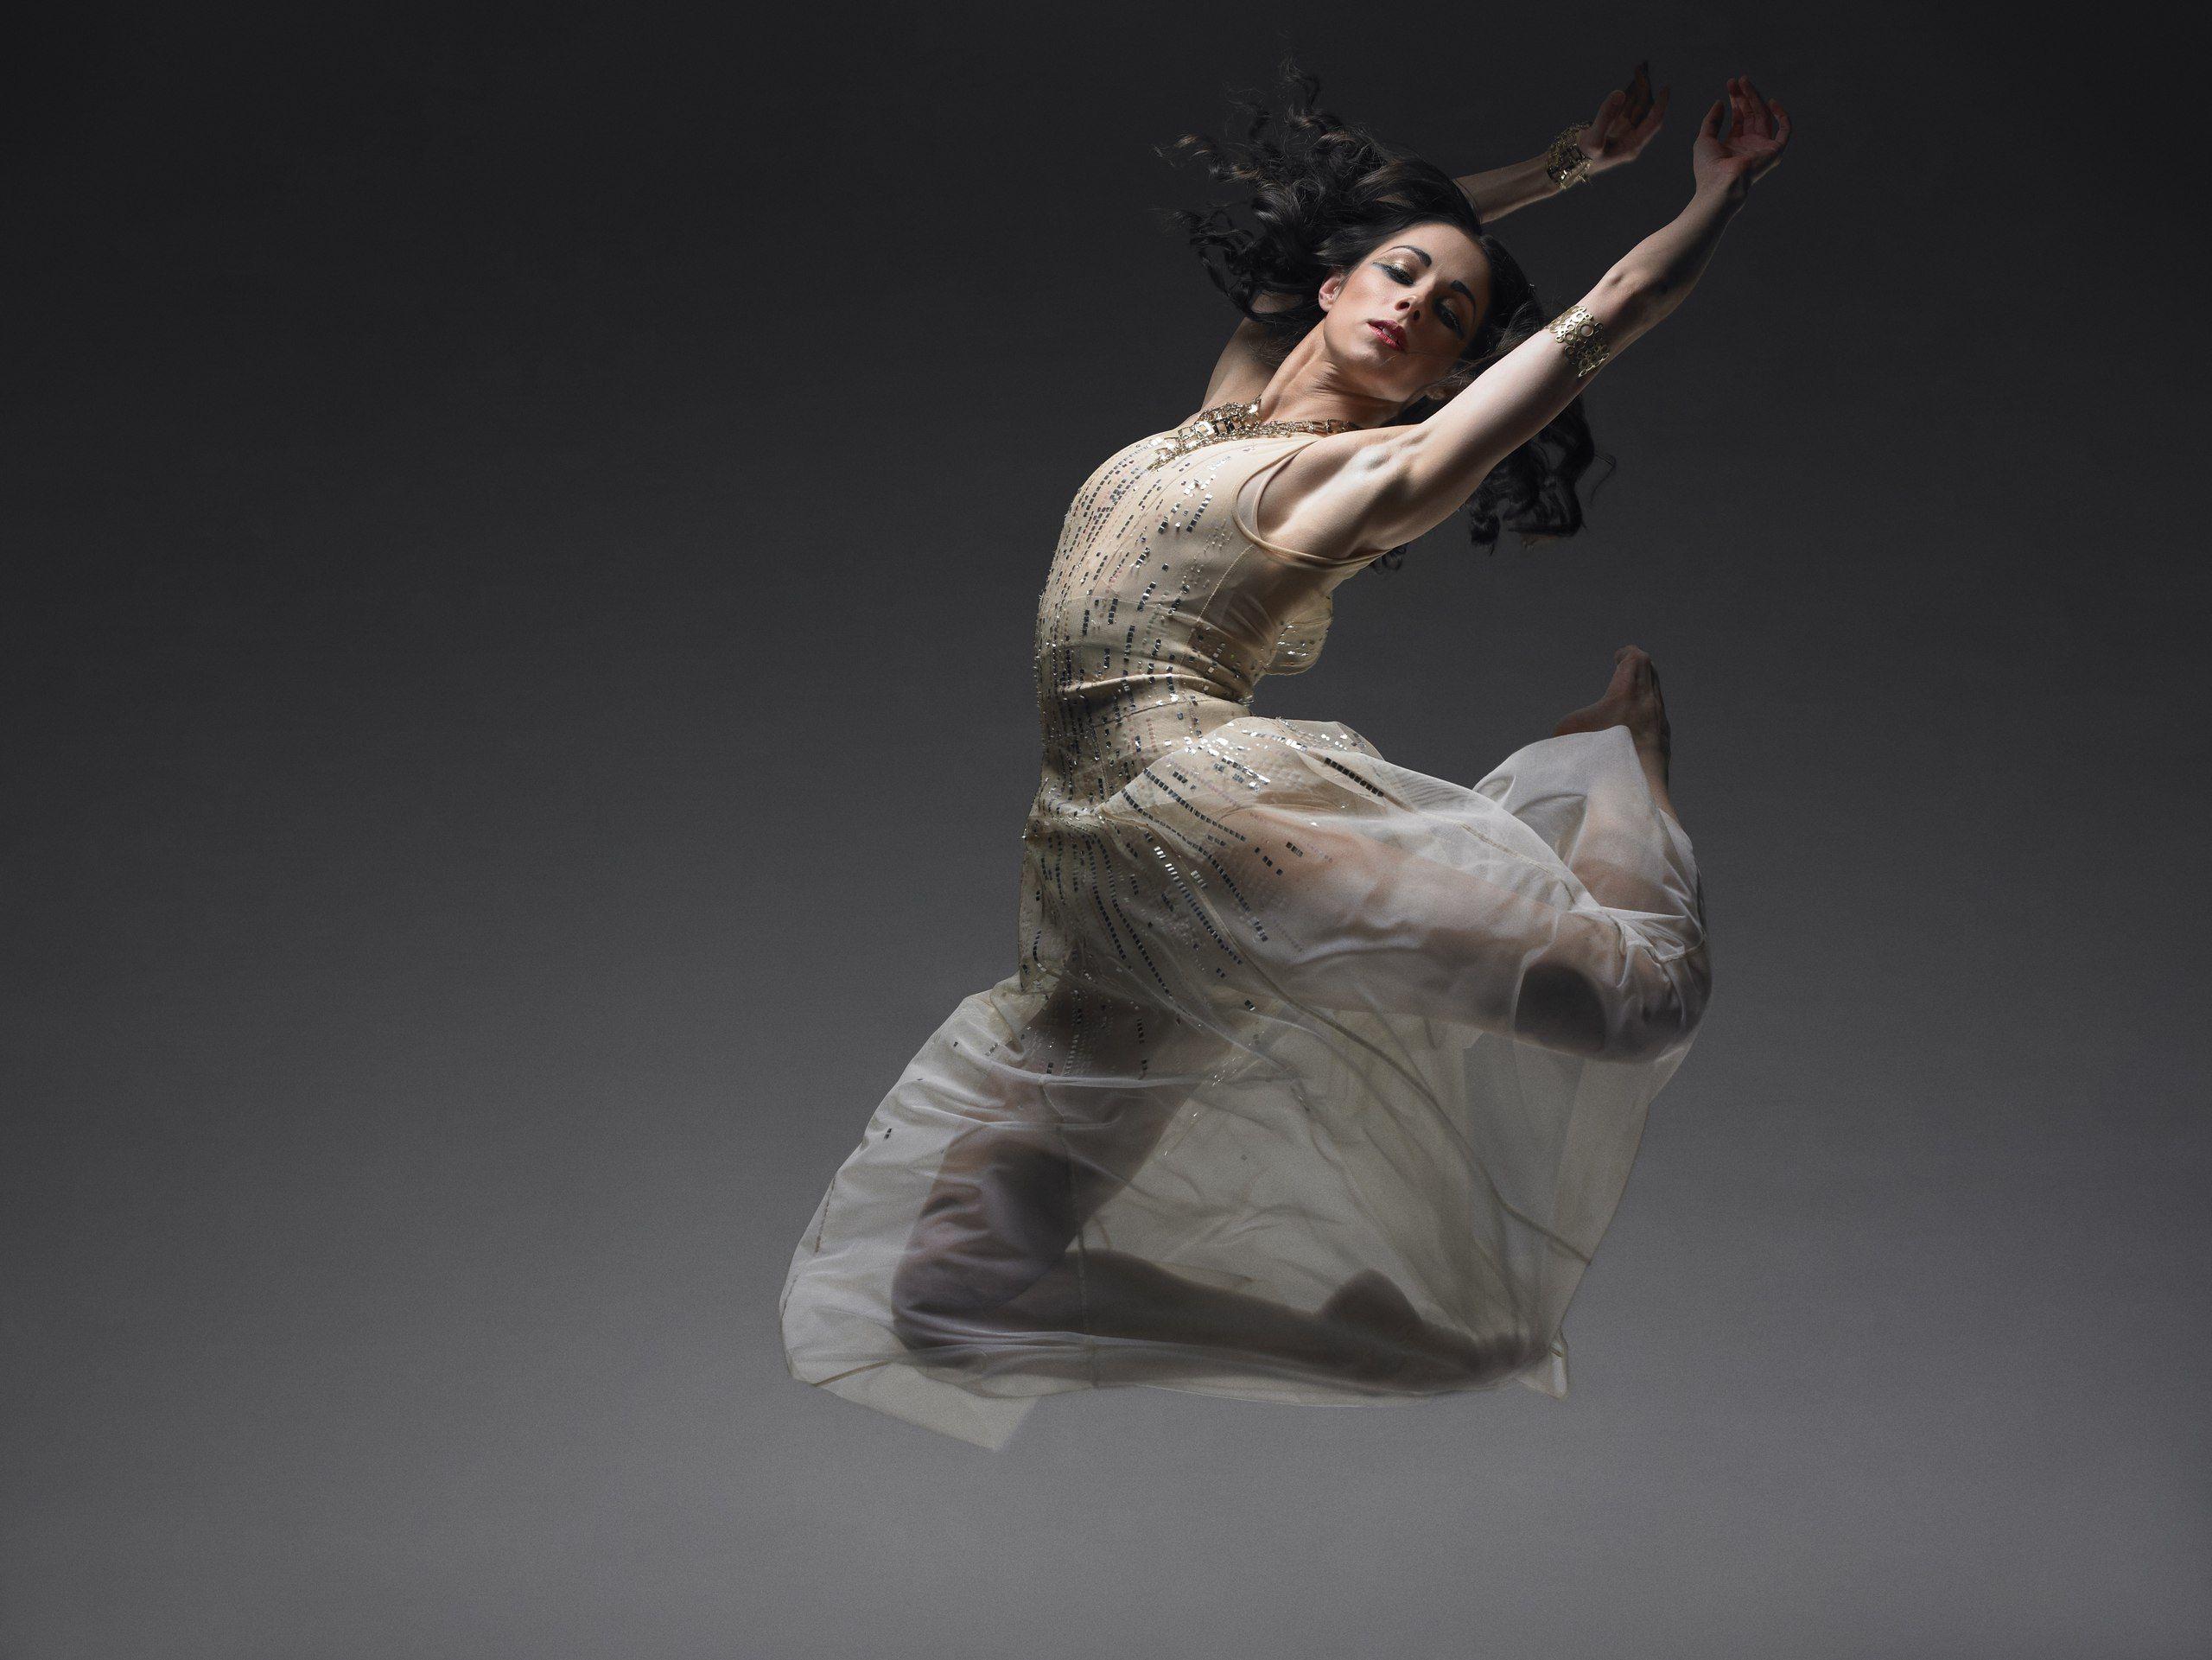 Картинки танцующая девушка, папы сыну днем